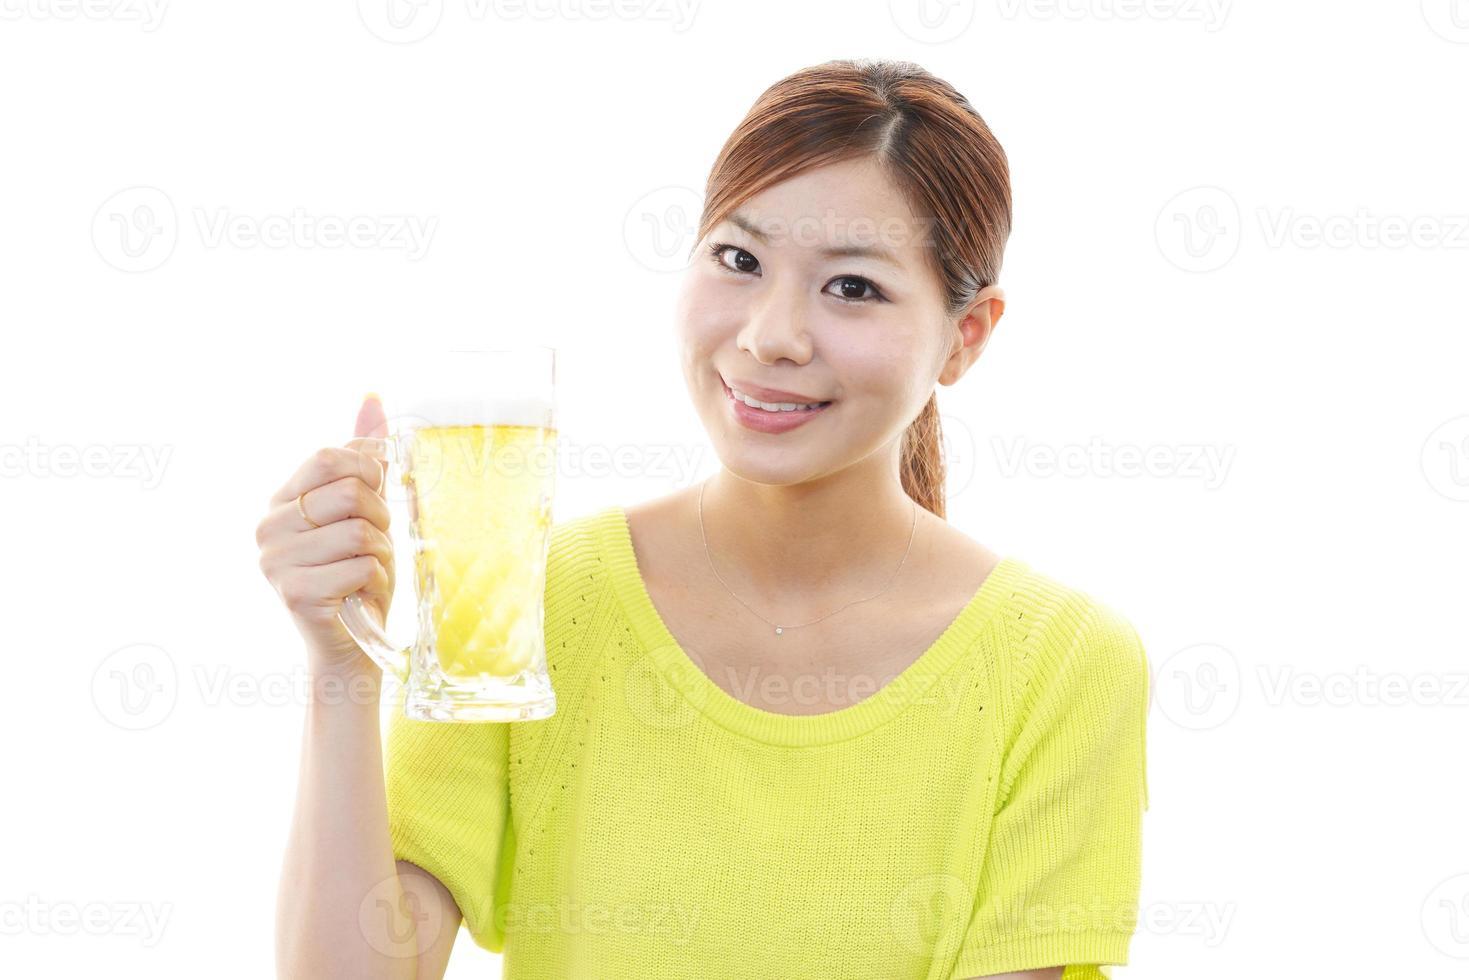 kvinna som dricker öl foto